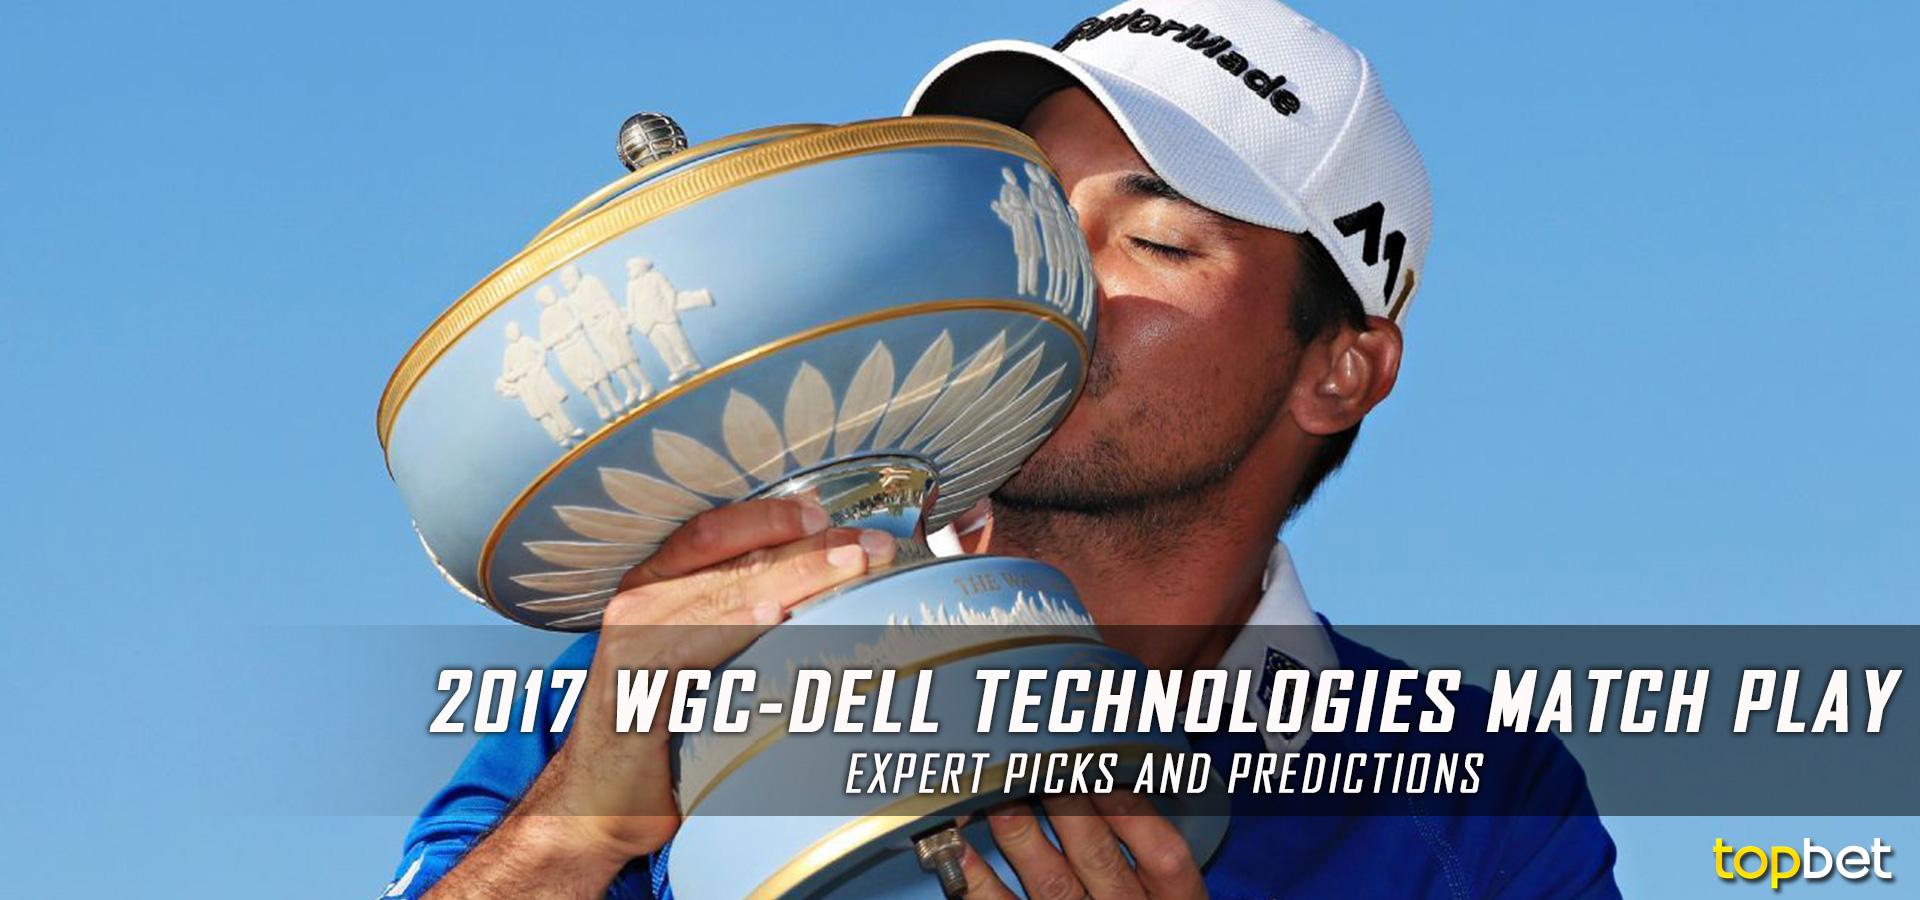 PGA Tournaments Expert Golf Picks